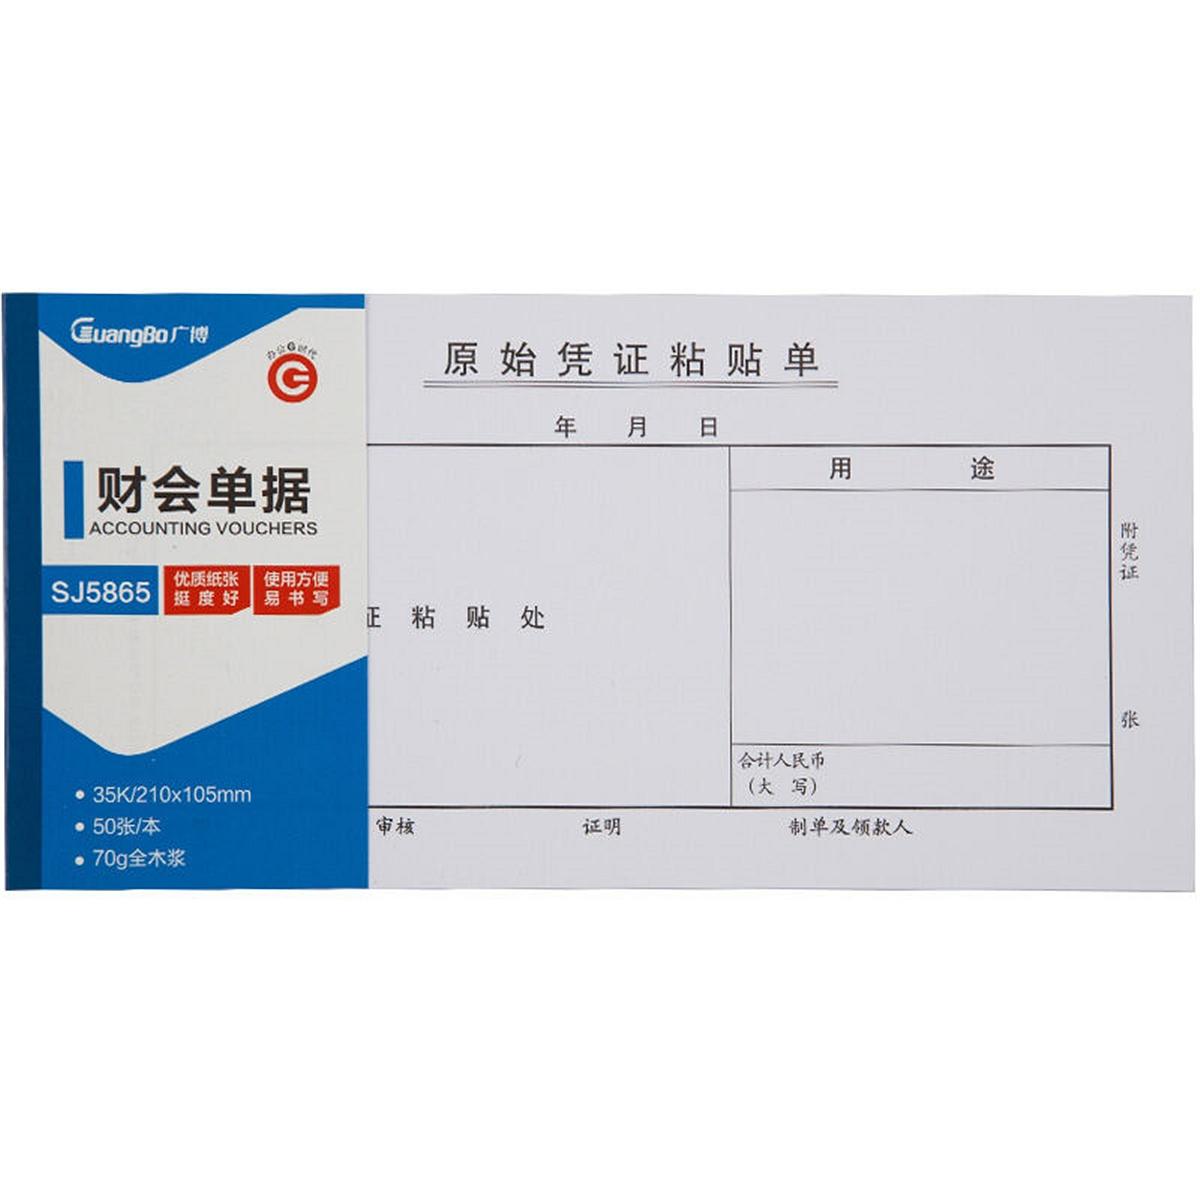 广博 SJ5865 原始凭证粘贴单 50张/本 (单位:本) 绿色